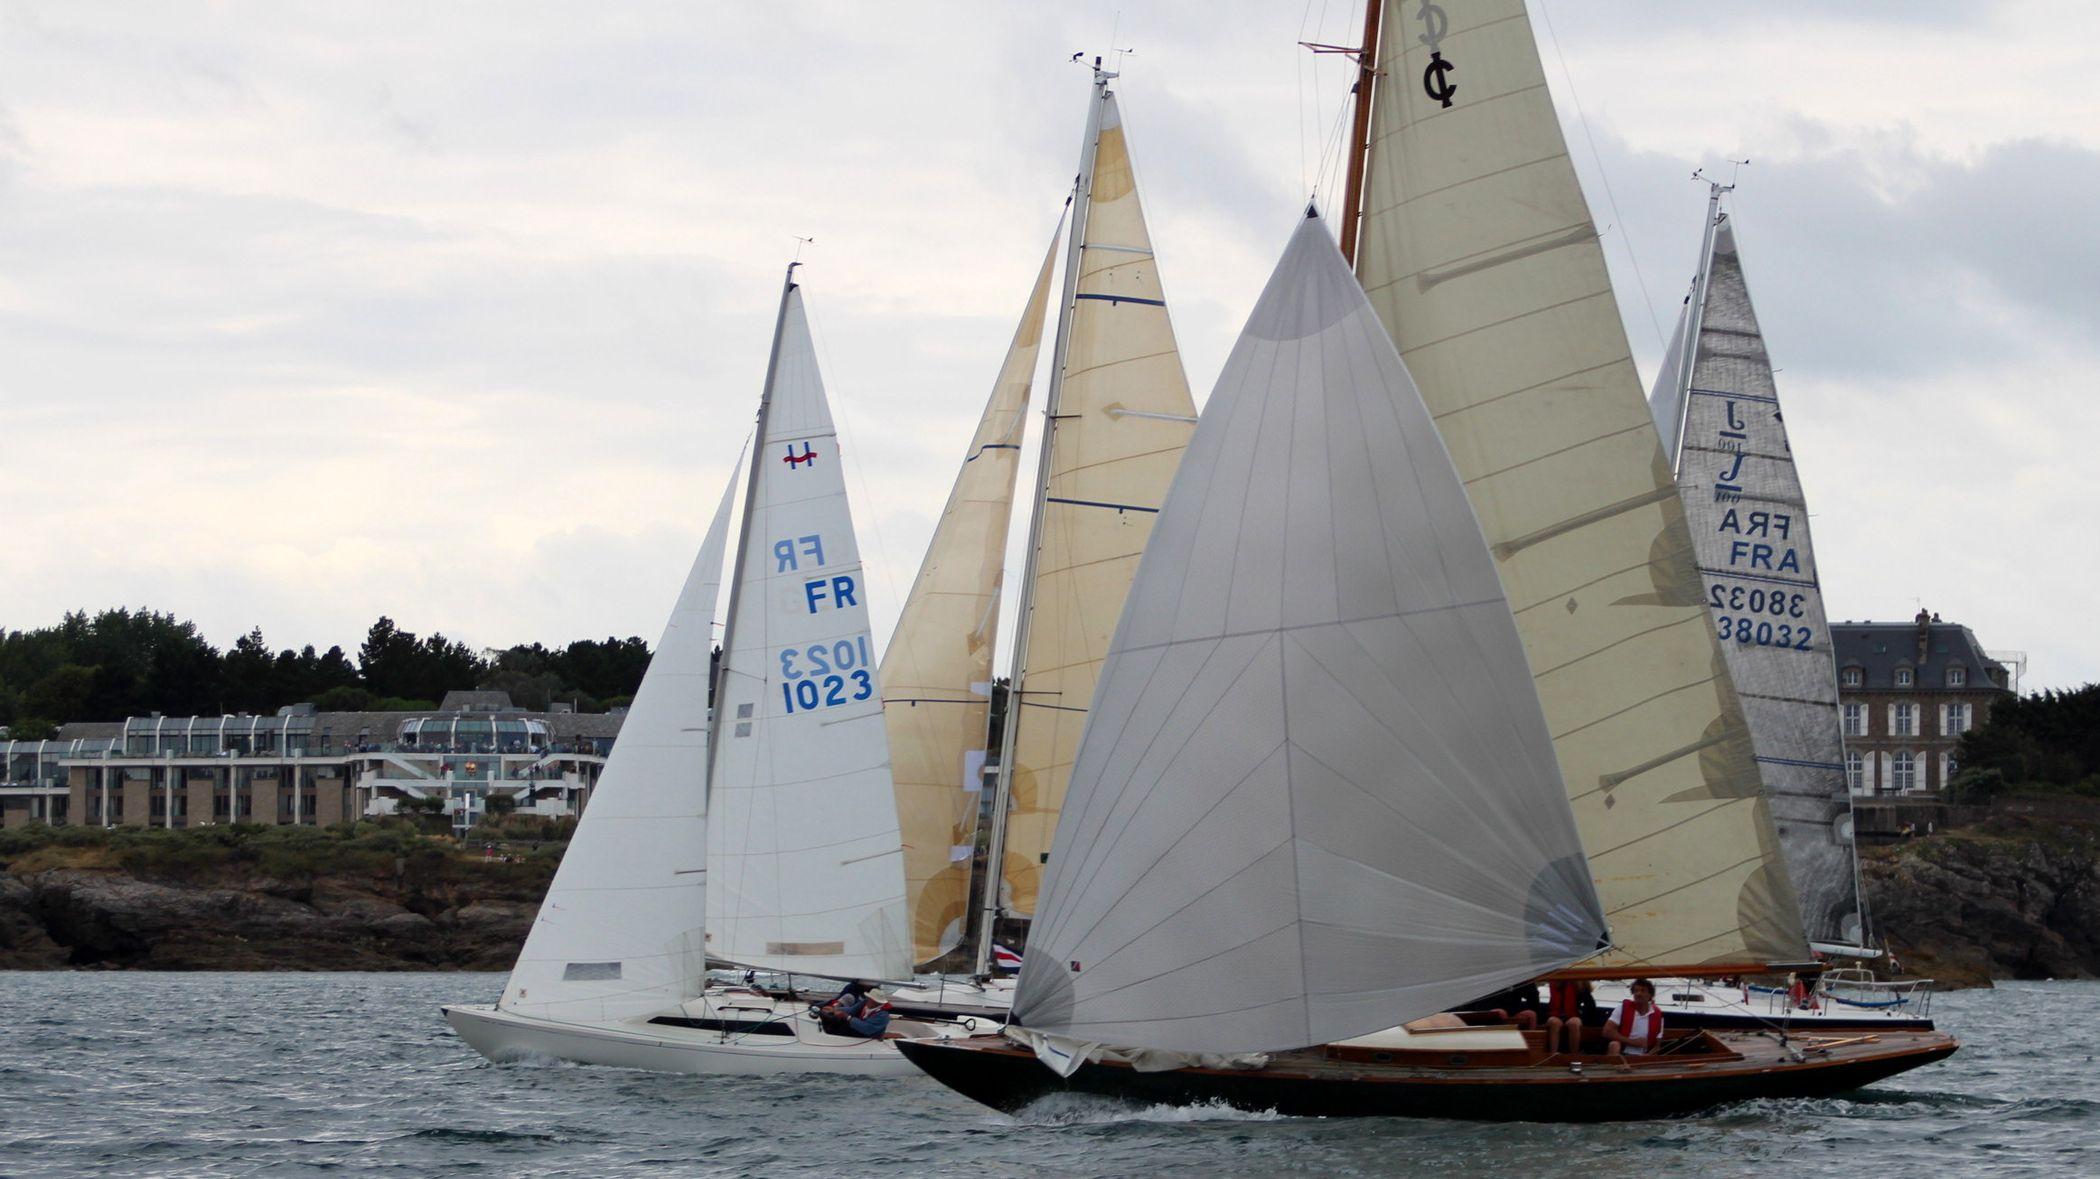 Régate Thalassa Yacht Club de Dinard